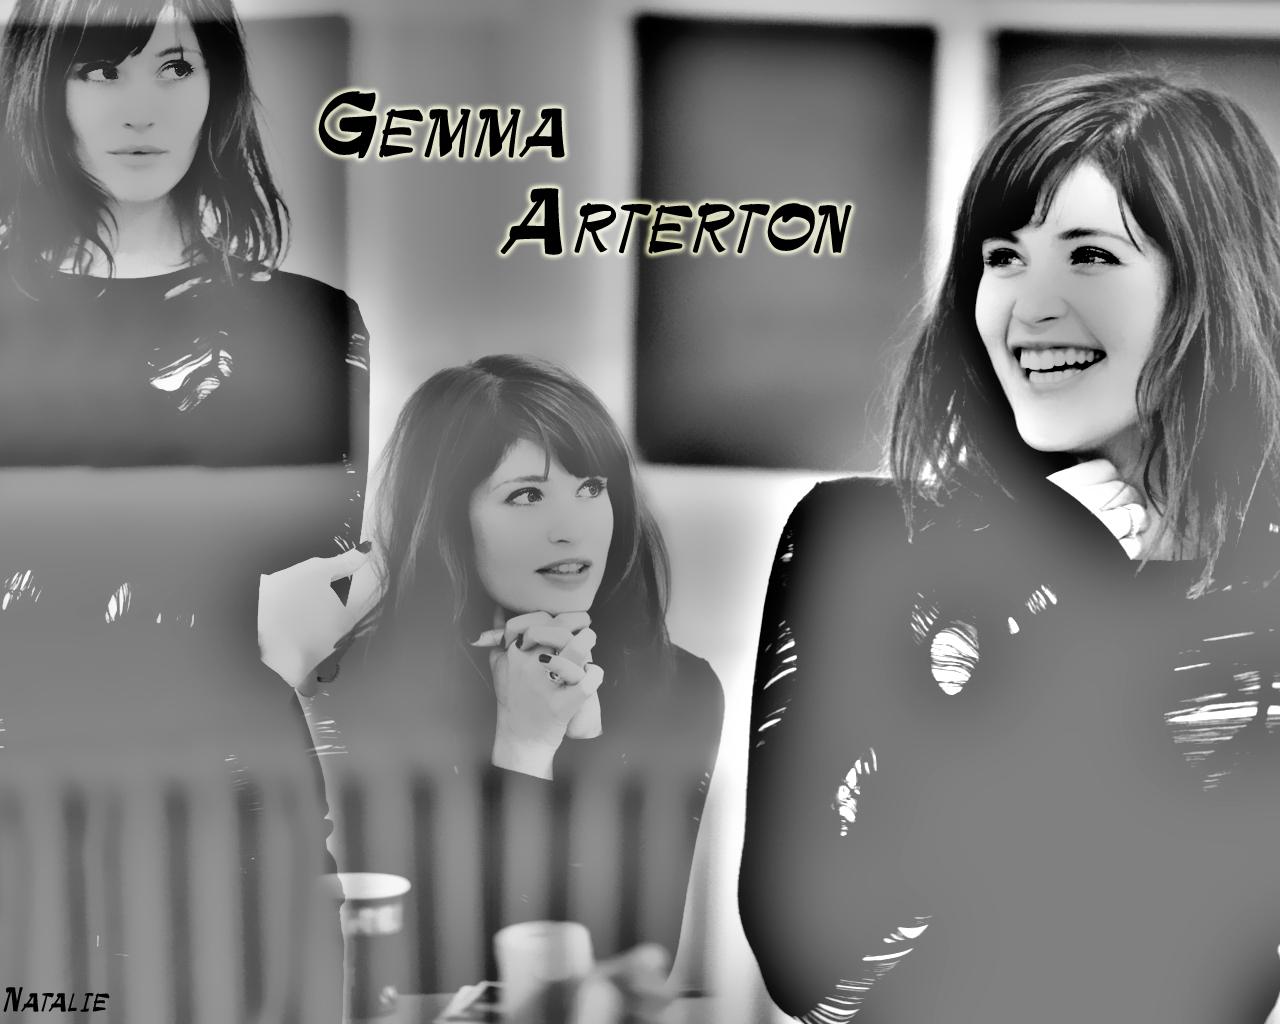 Gemma A